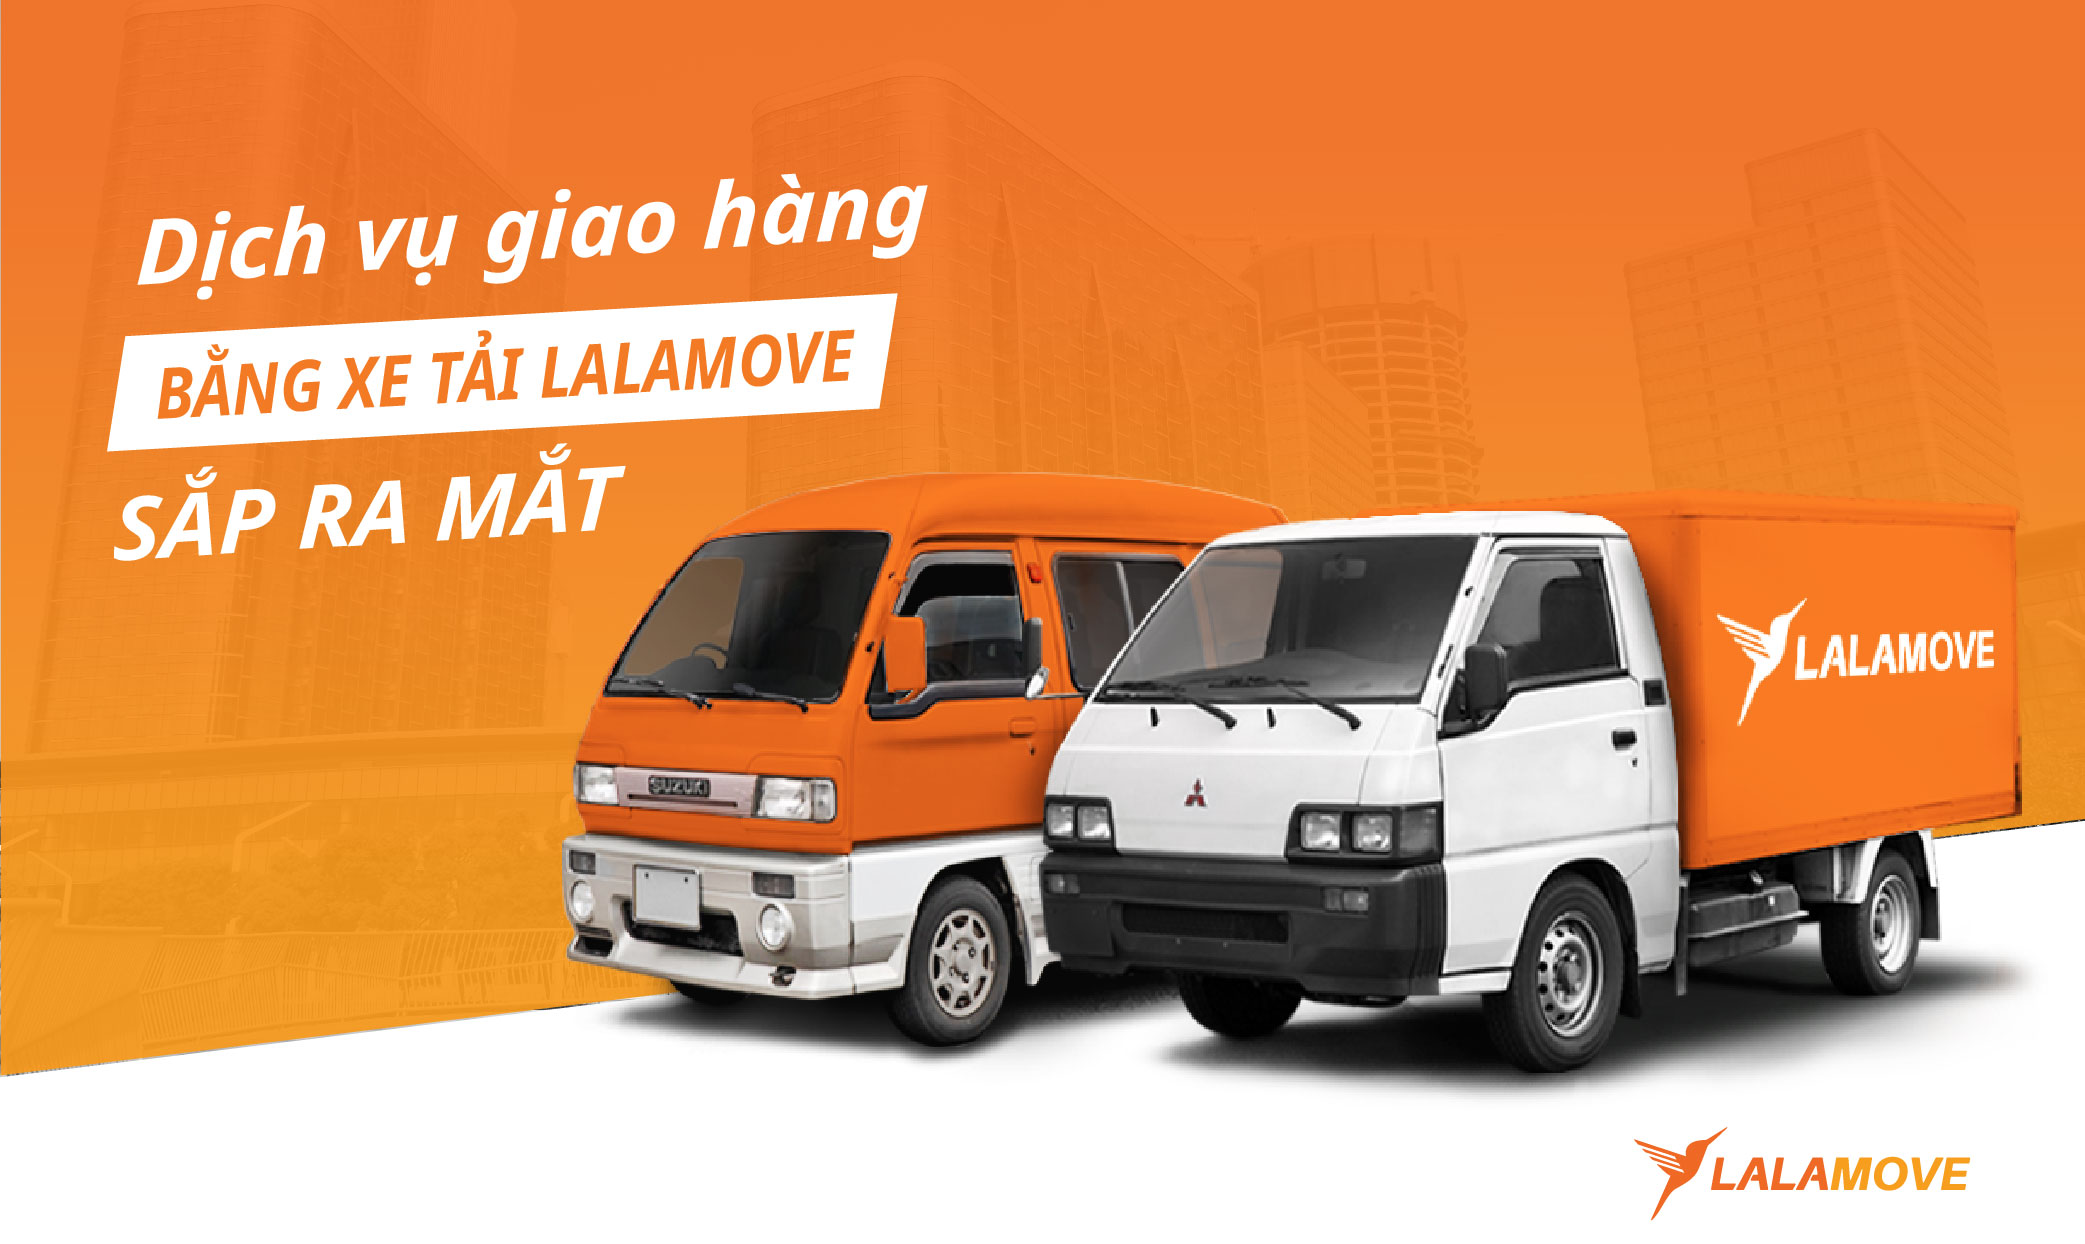 Lalamove sắp ra mắt dịch vụ giao hàng xe tải nội thành